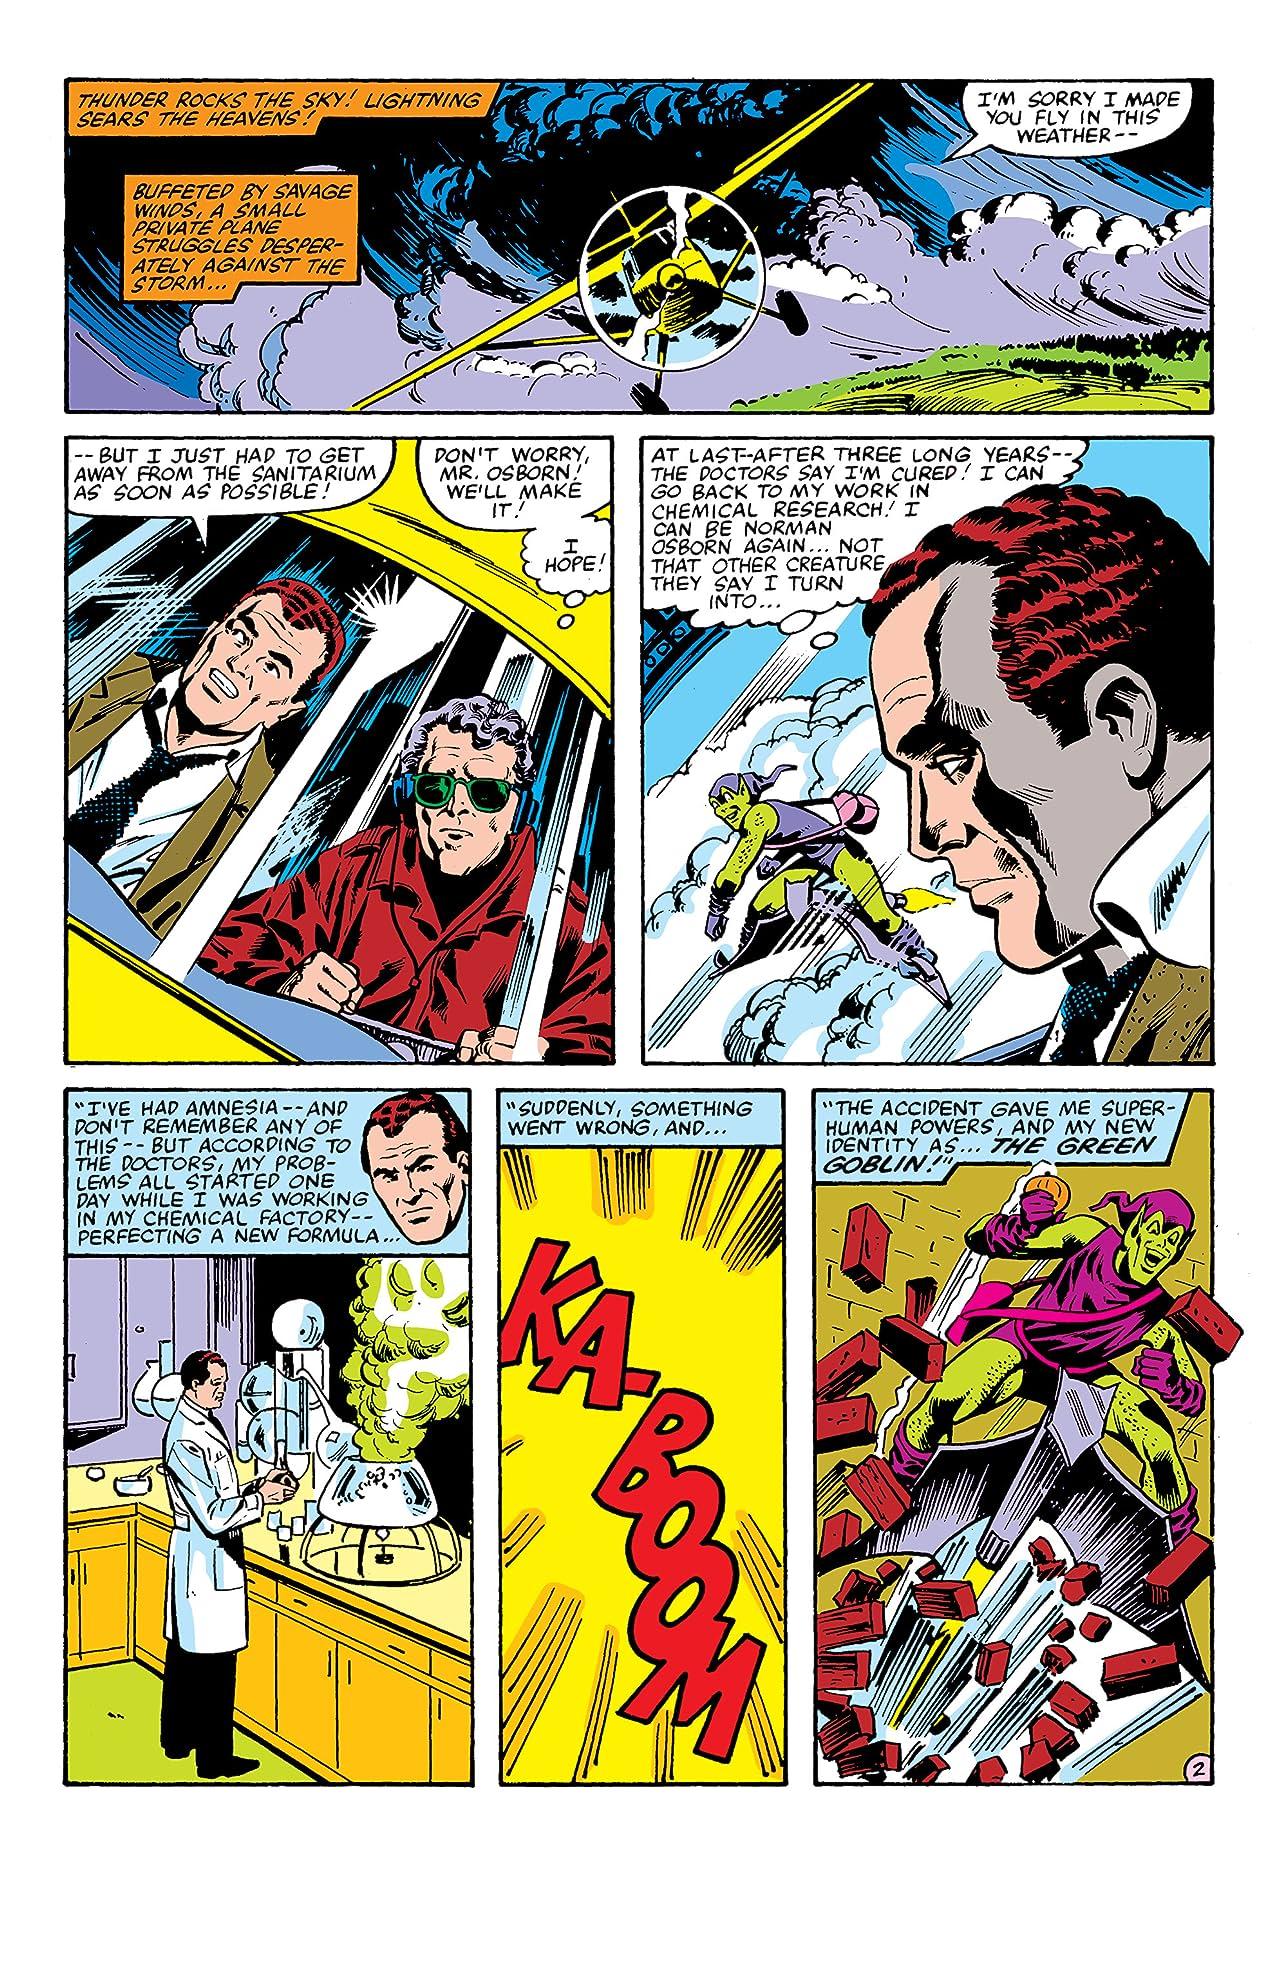 X-Men Origins: Firestar